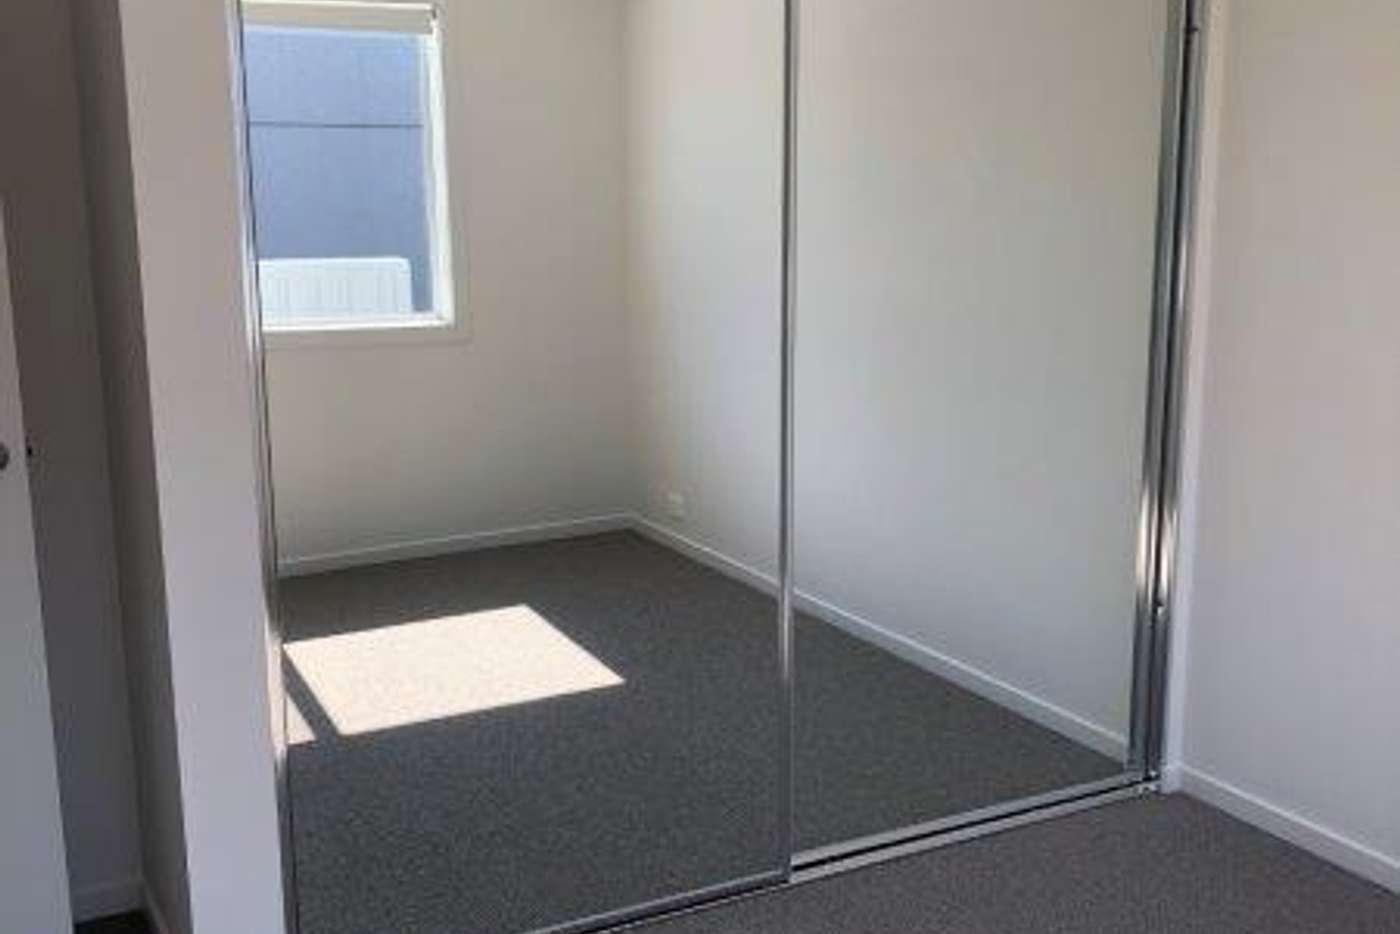 Seventh view of Homely house listing, 50 Indigo Crescent, Denham Court NSW 2565